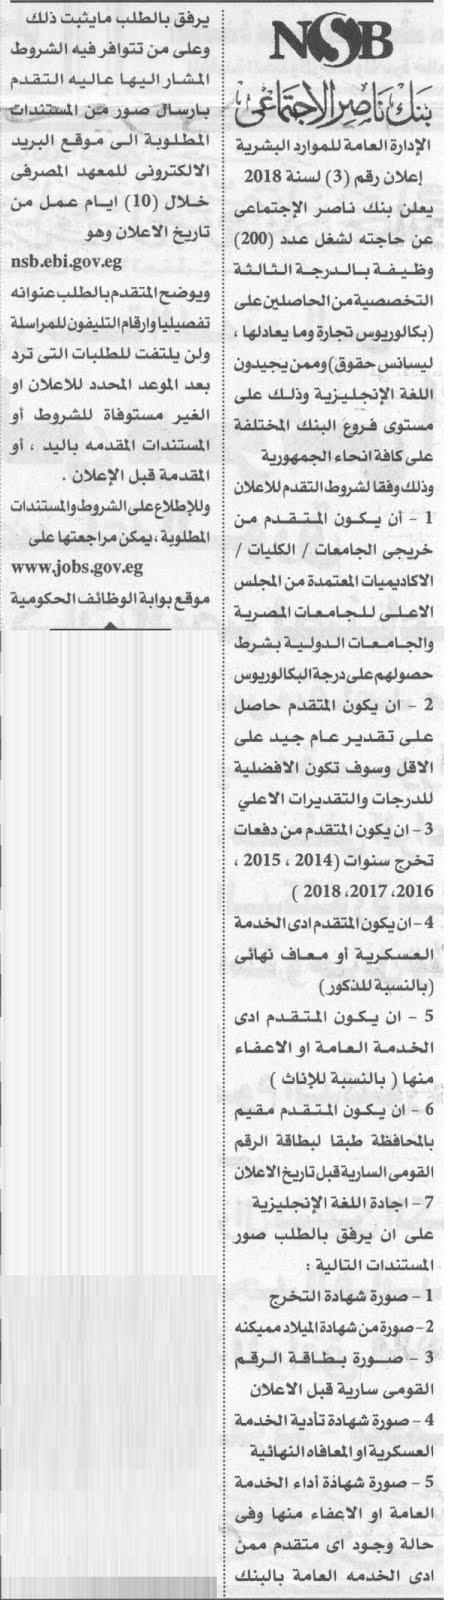 بنك ناصر الاجتماعى يعلن عن وظائف خالية على مستوى الجمهورية